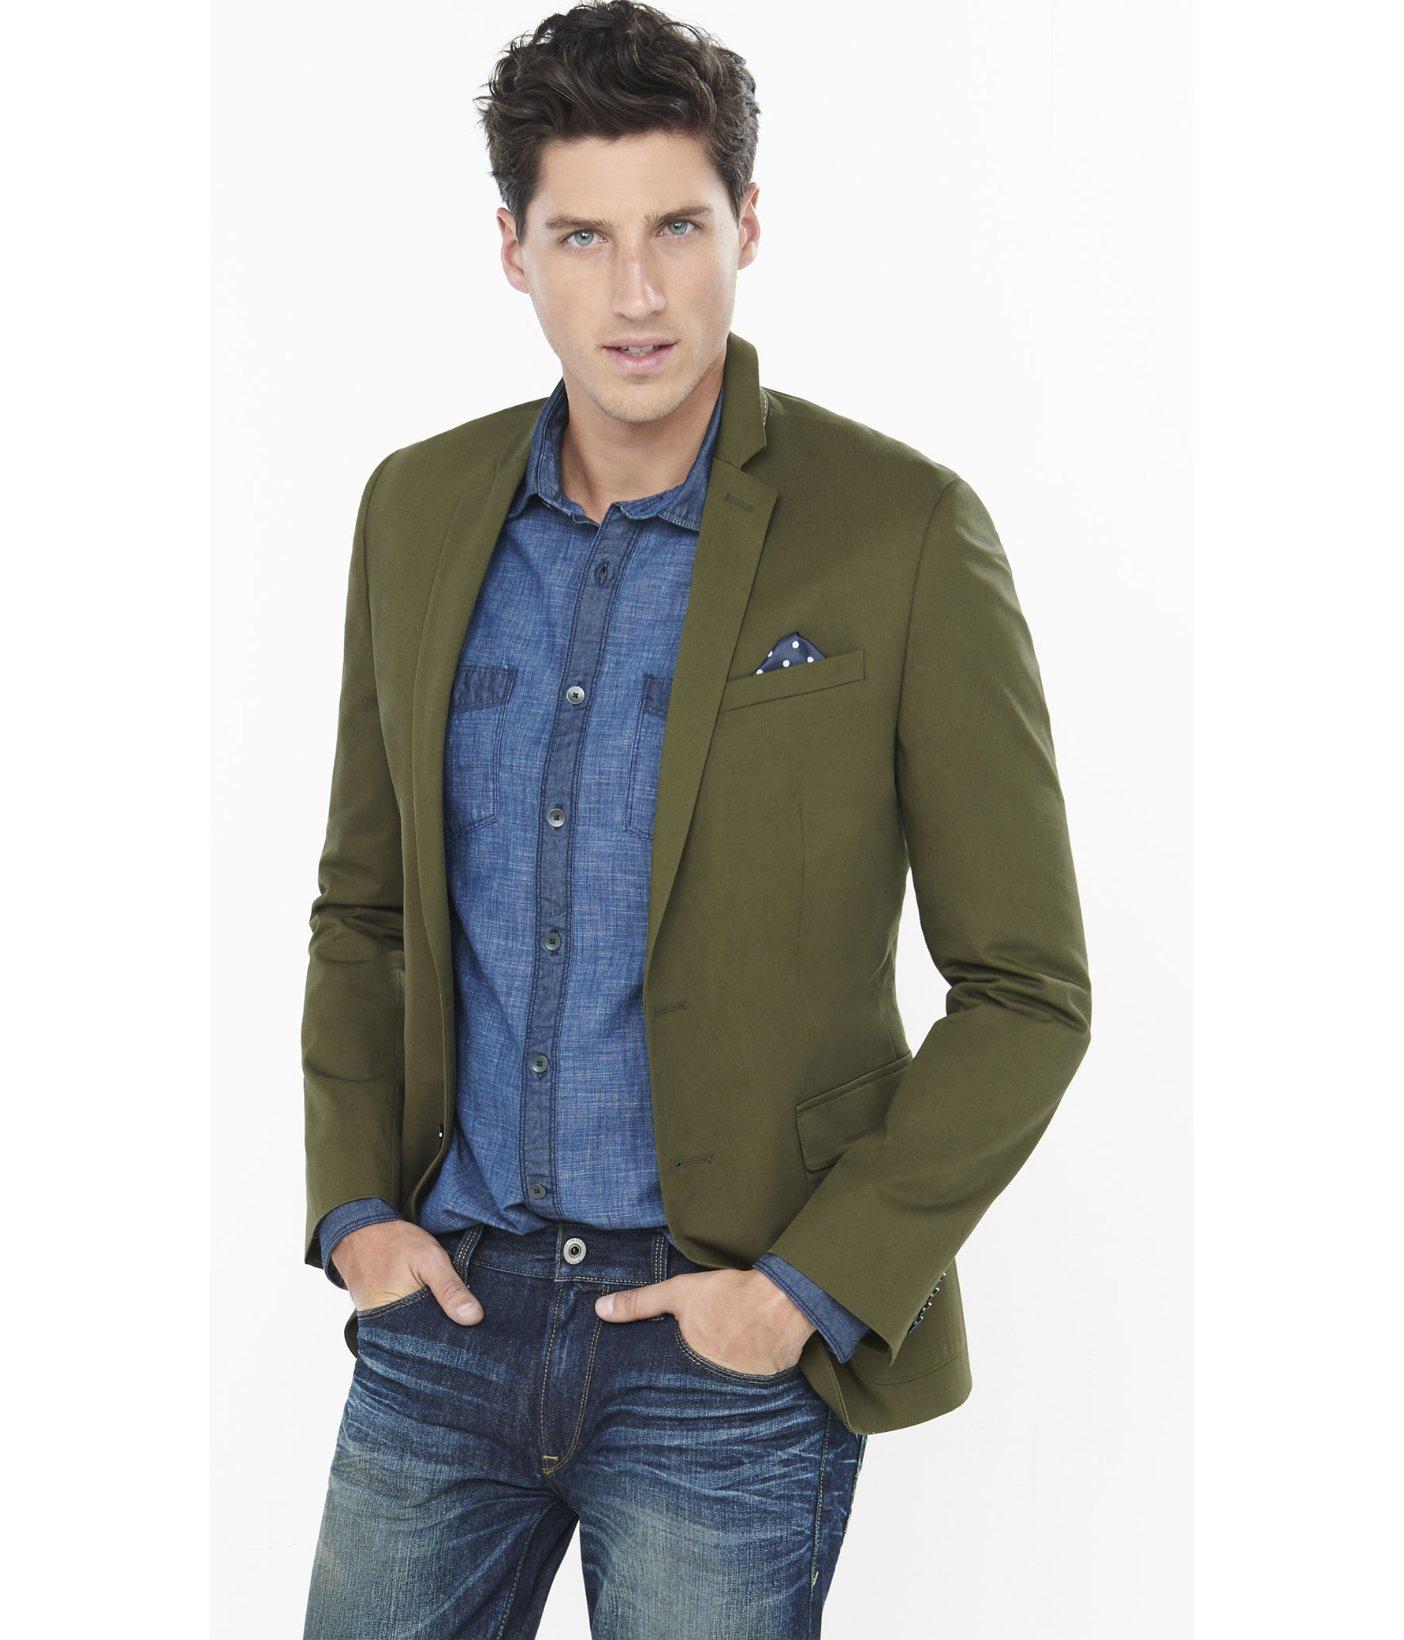 Compra verde chaqueta de esmoquin online al por mayor de